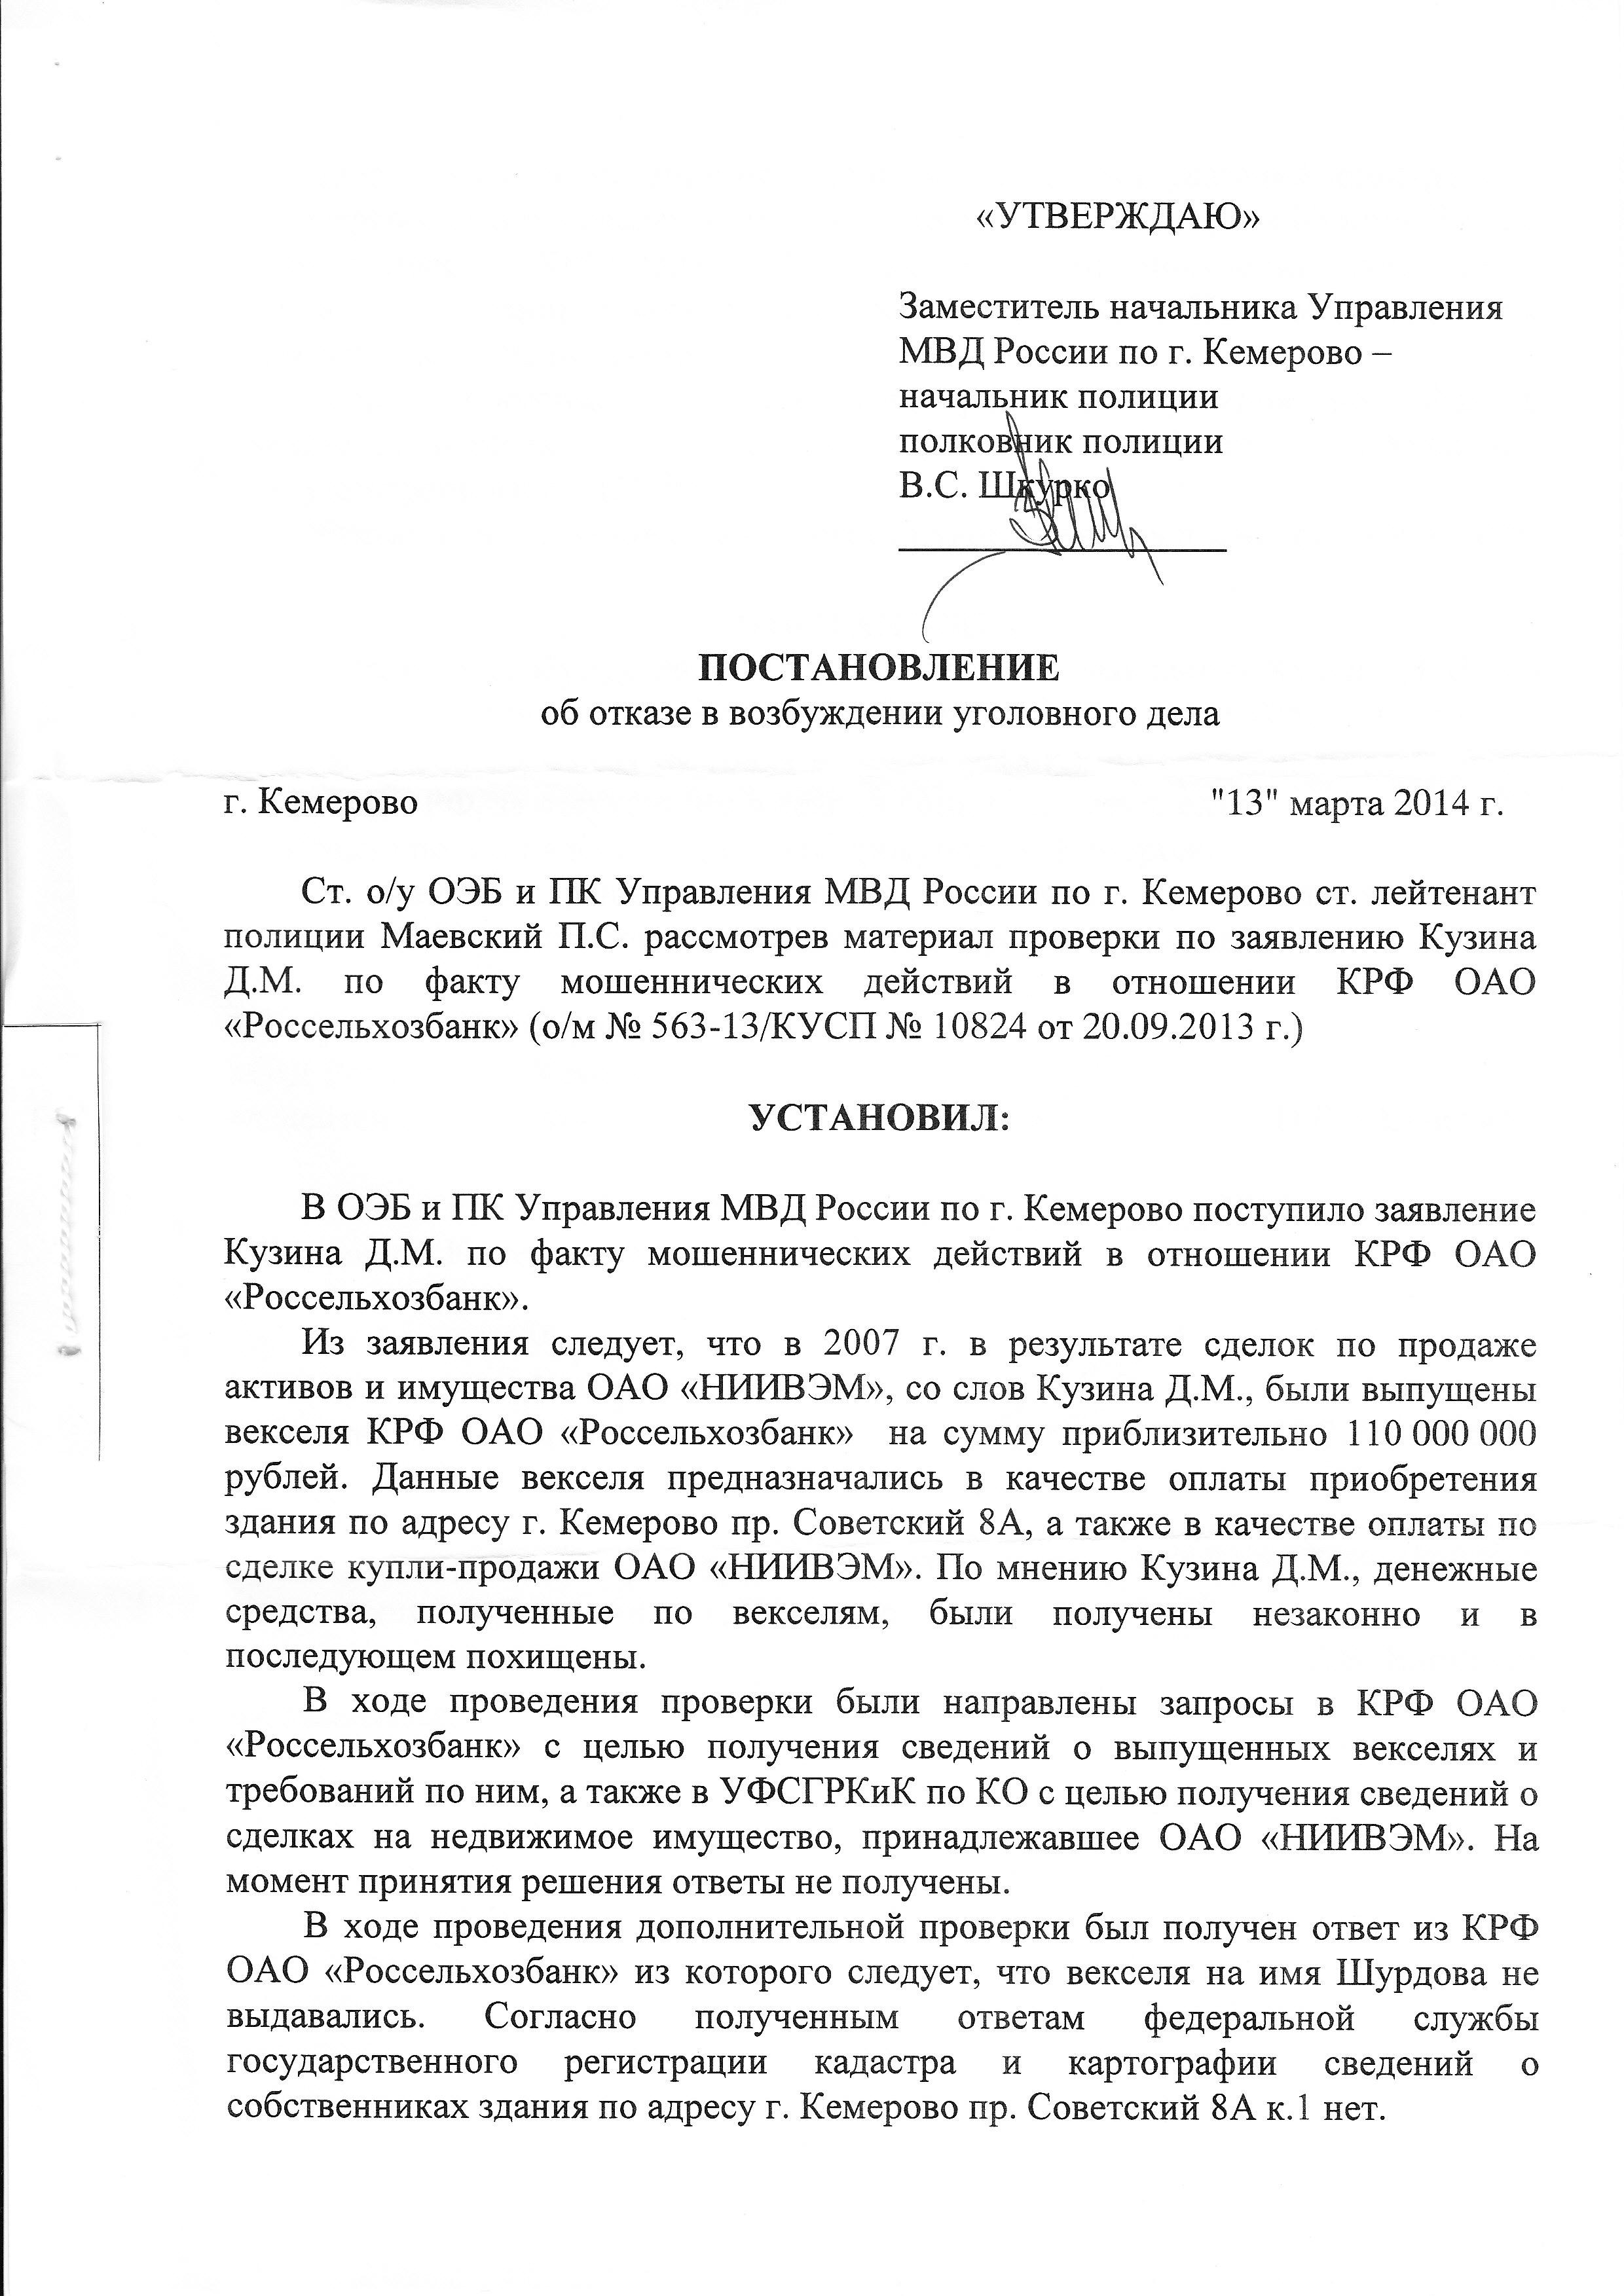 Постановление об отказе в возбуждении УД от 13 03 14 - 1 с